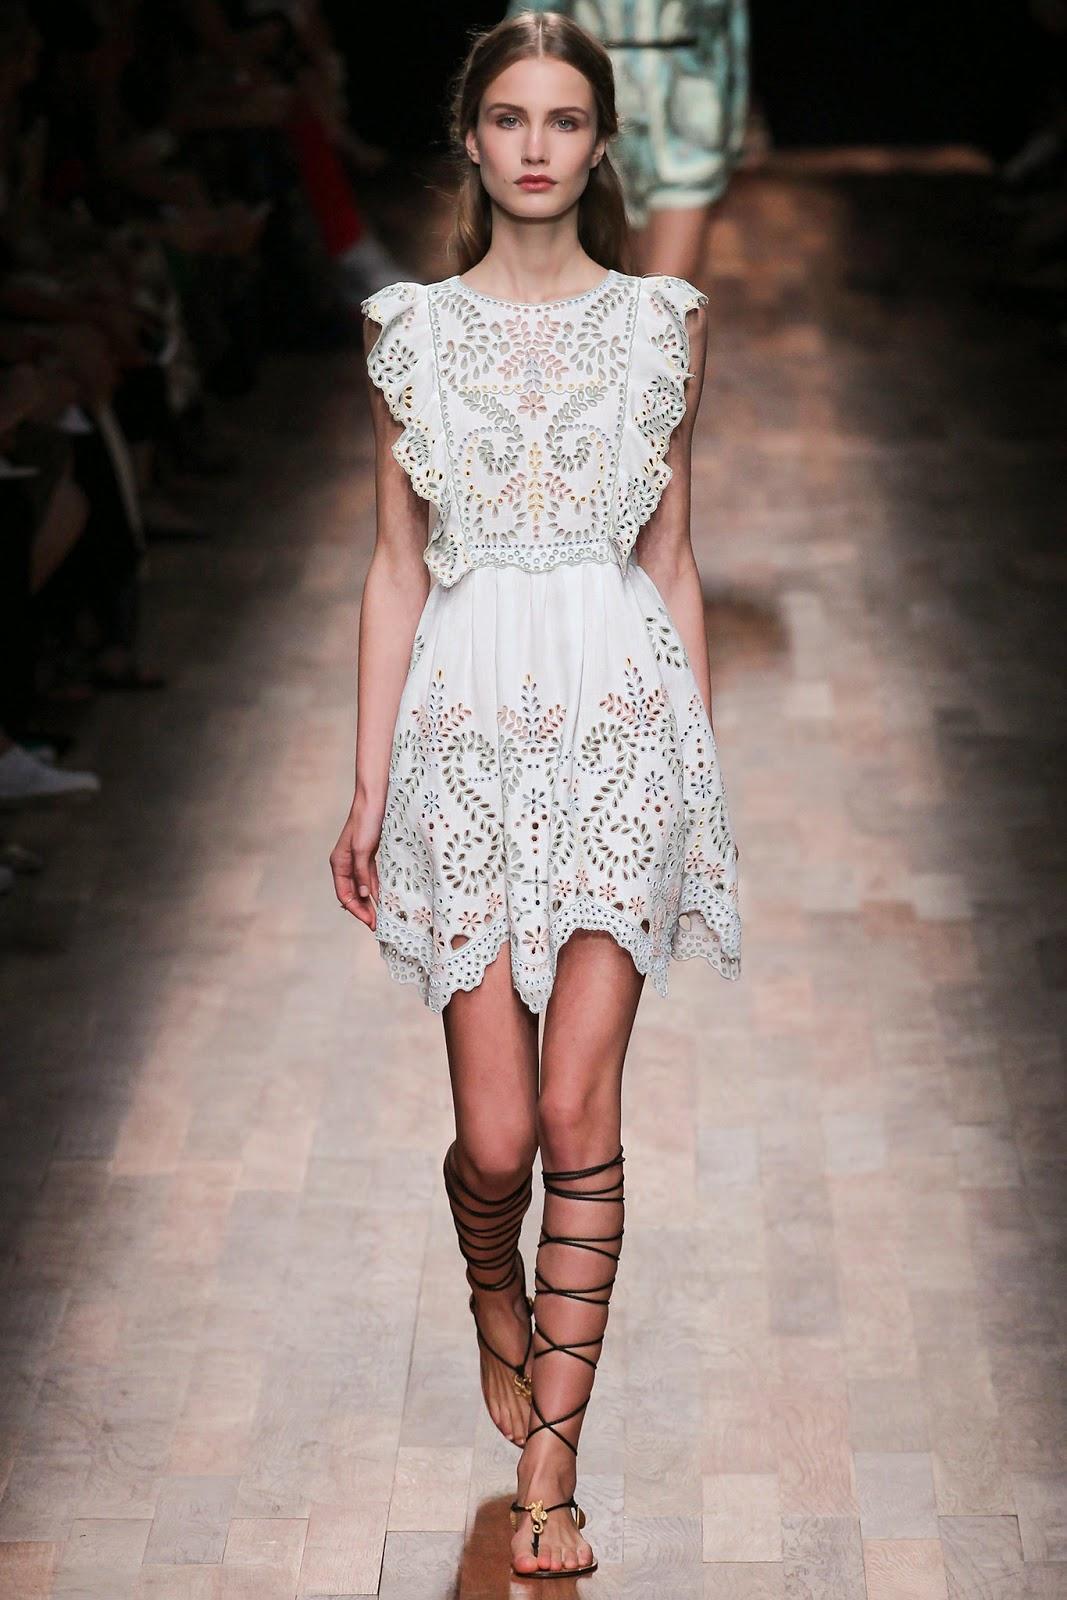 valentino 2015 summer 2016 trend women dress69 Valentino 2015 samling, våren sommaren 2016 Valentino klänning modeller, Valentino kväll klänning nya säsongen kvinnors kjolar modeller